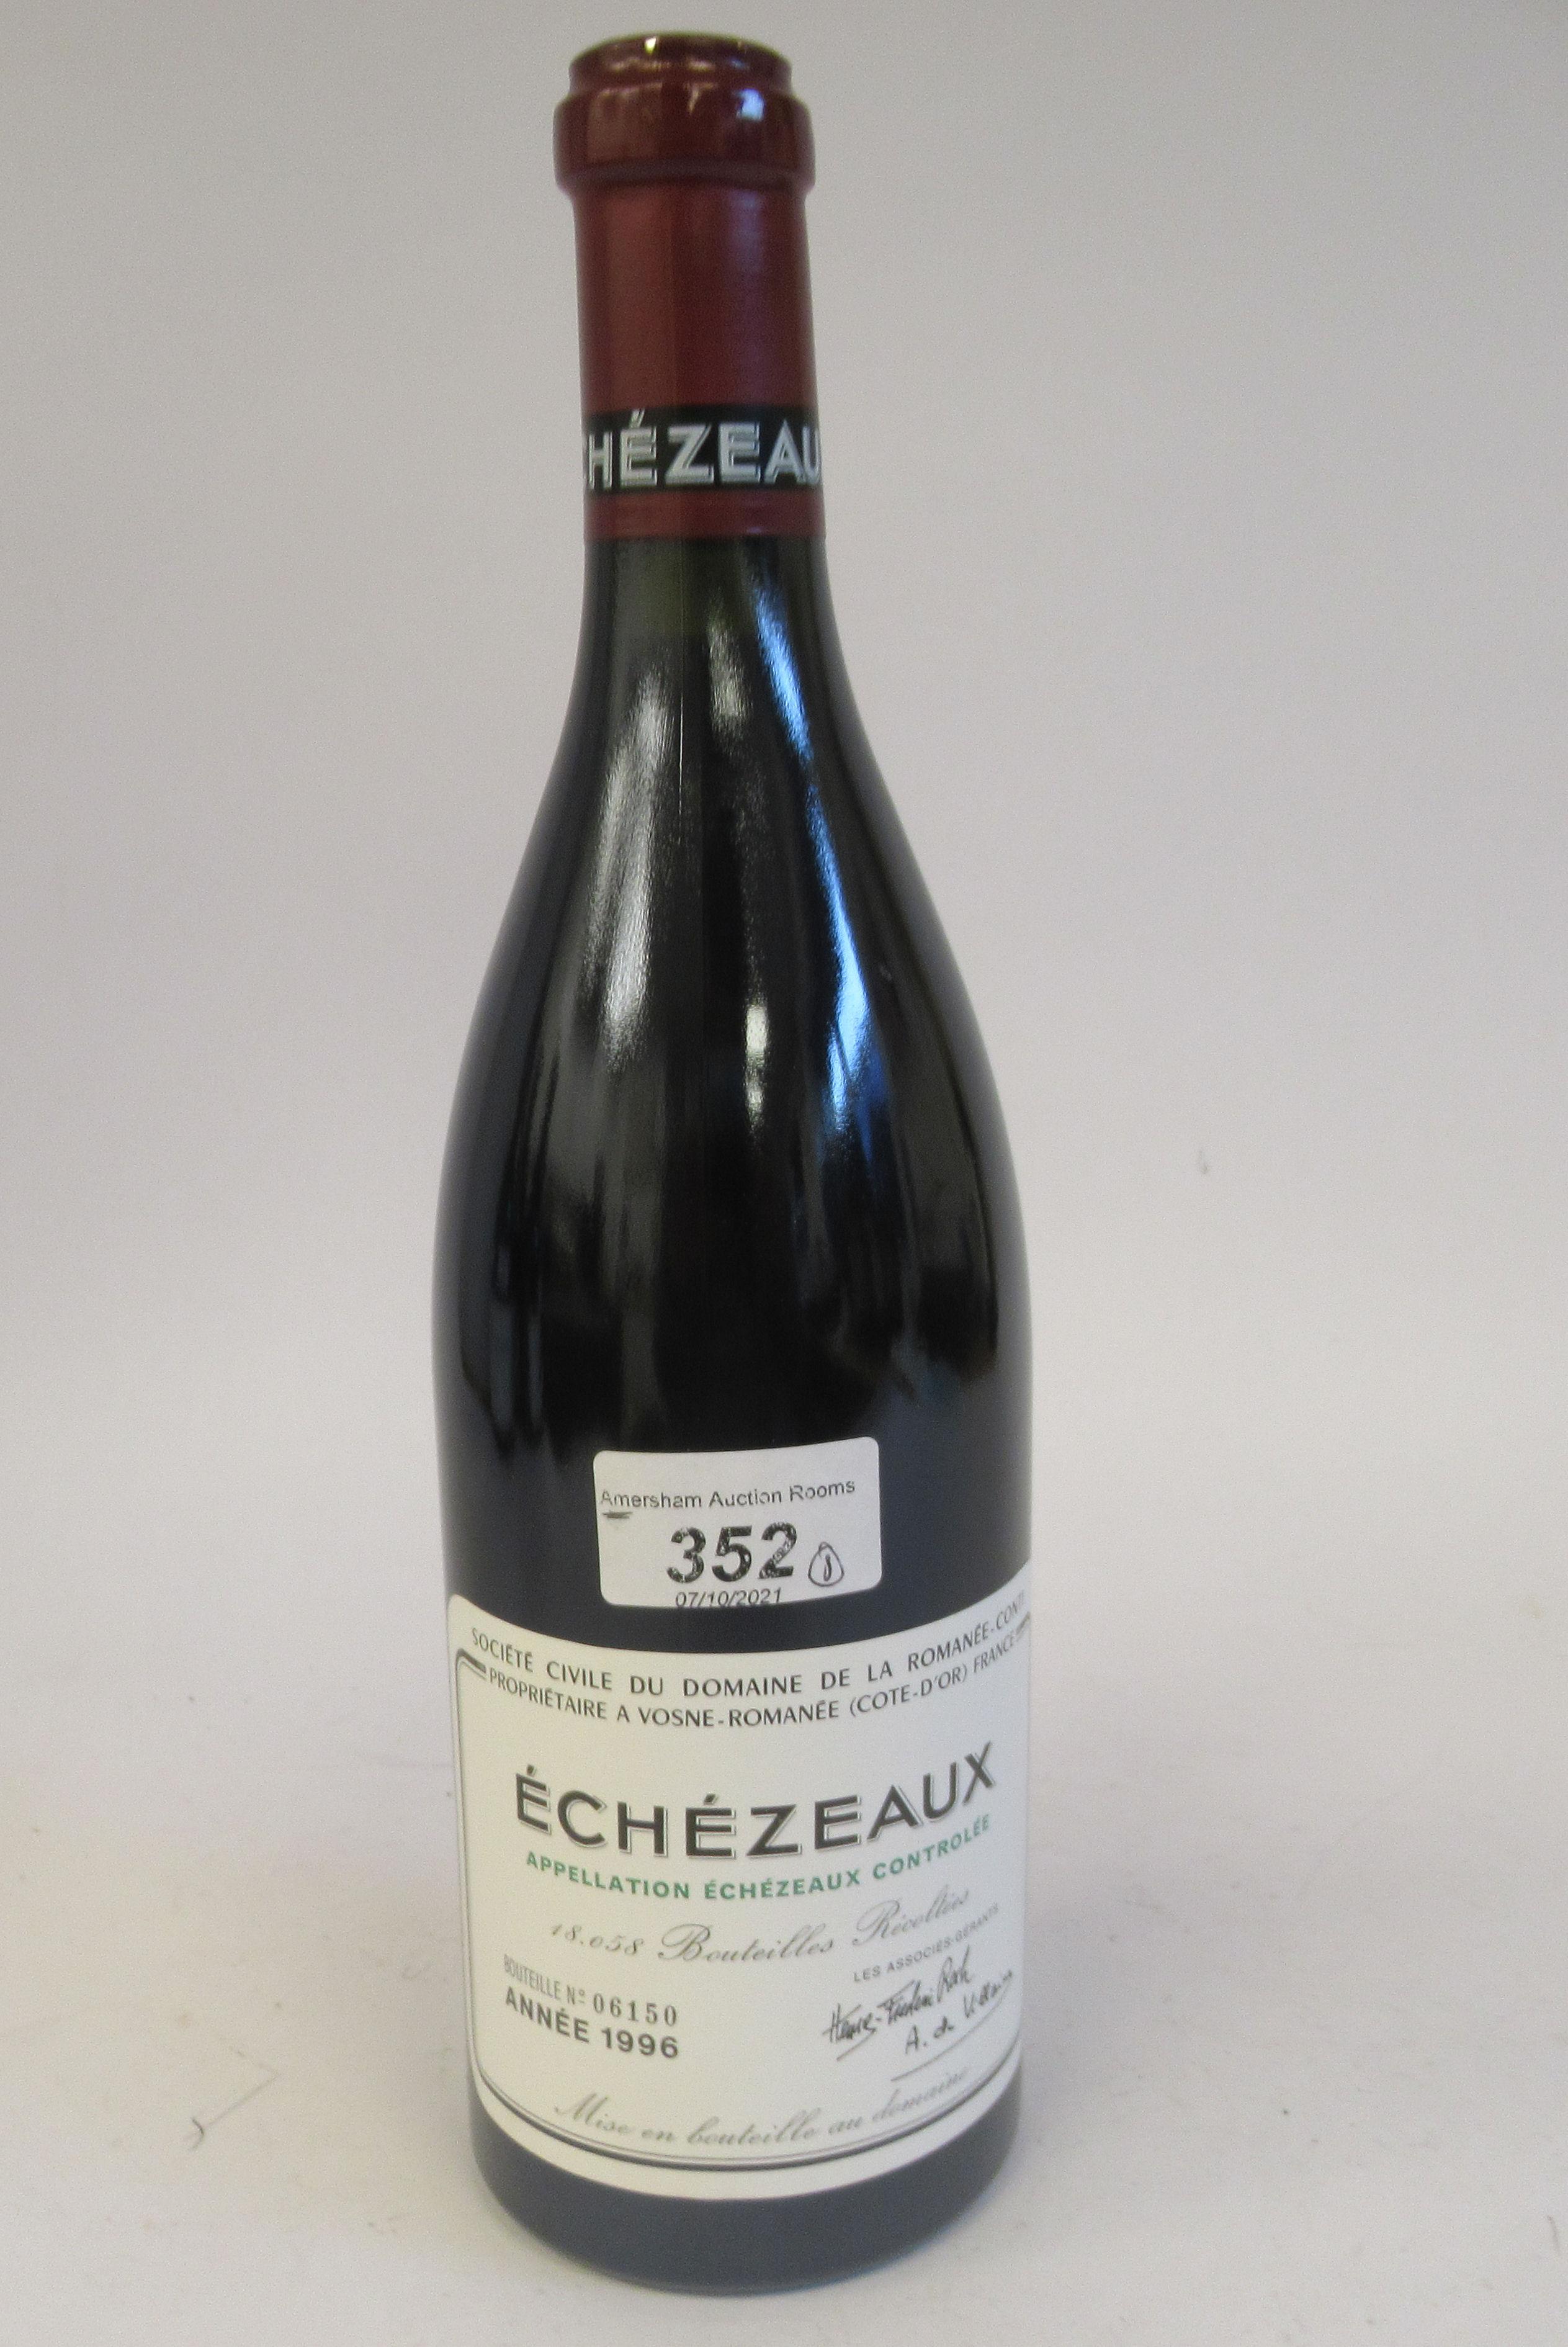 Wine, a bottle of 1996 Echezeaux Domaine De La Romanee-Conti (bottle number 06150)